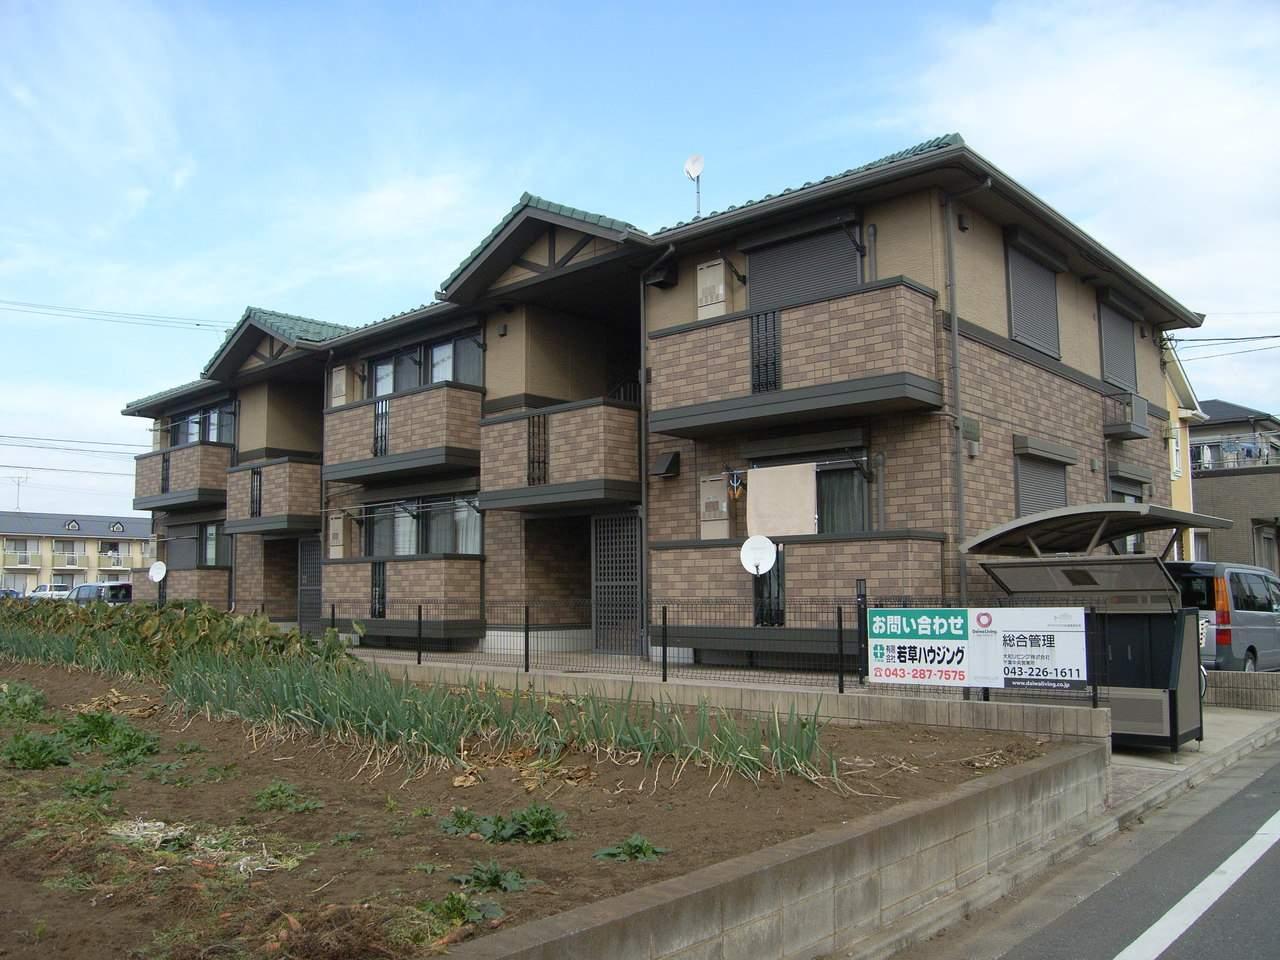 千葉県千葉市稲毛区、新検見川駅徒歩17分の築12年 2階建の賃貸アパート